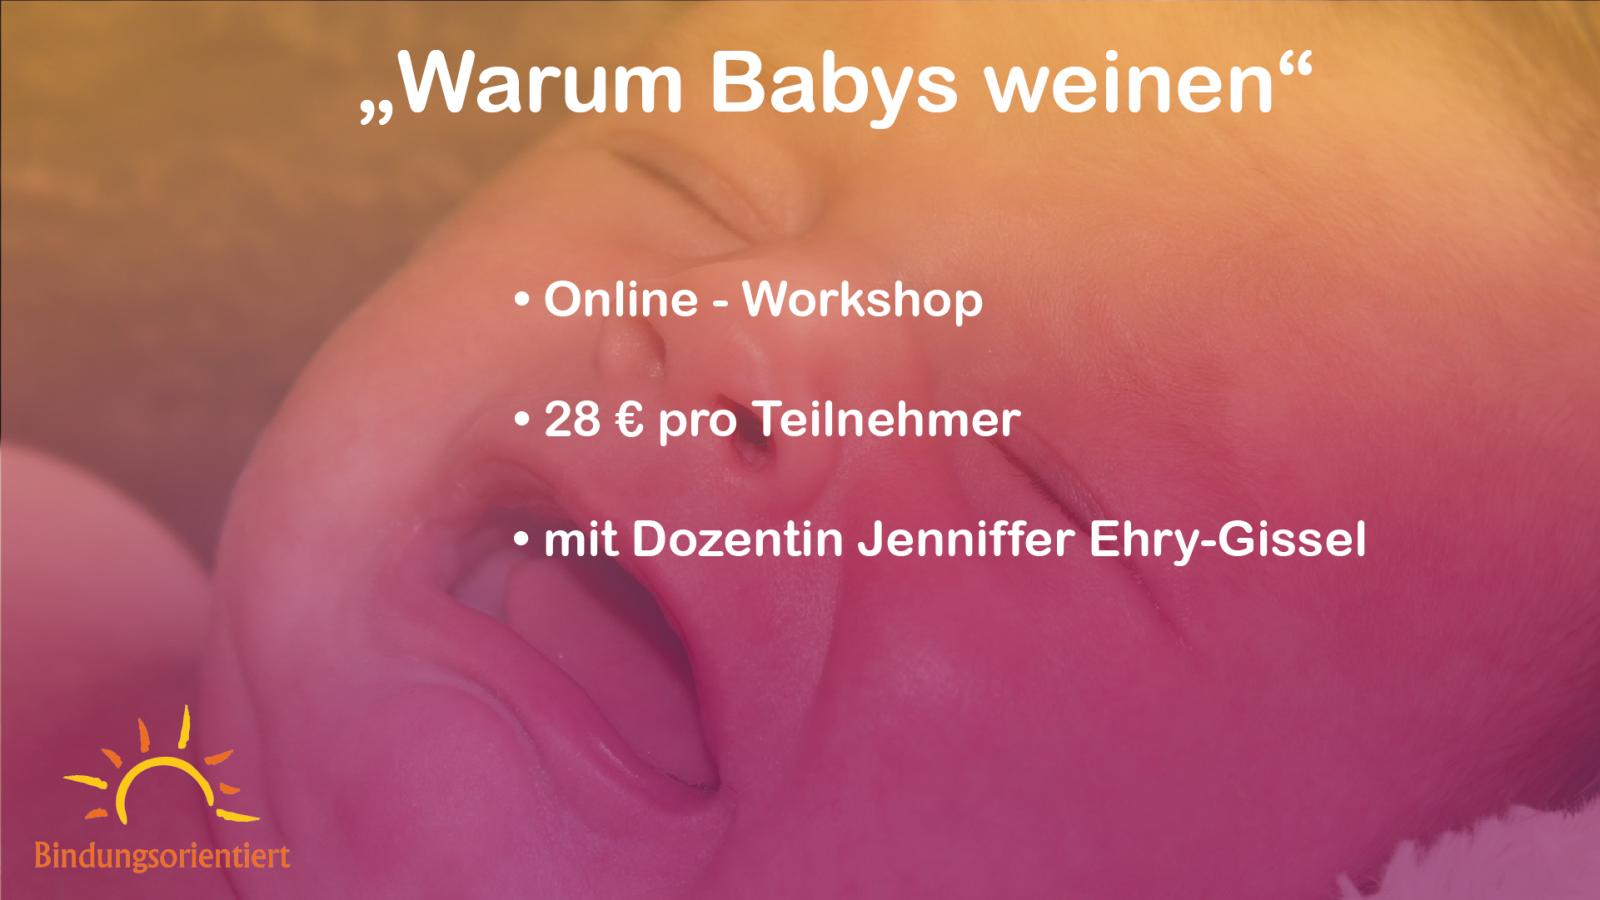 Warum Babys weinen